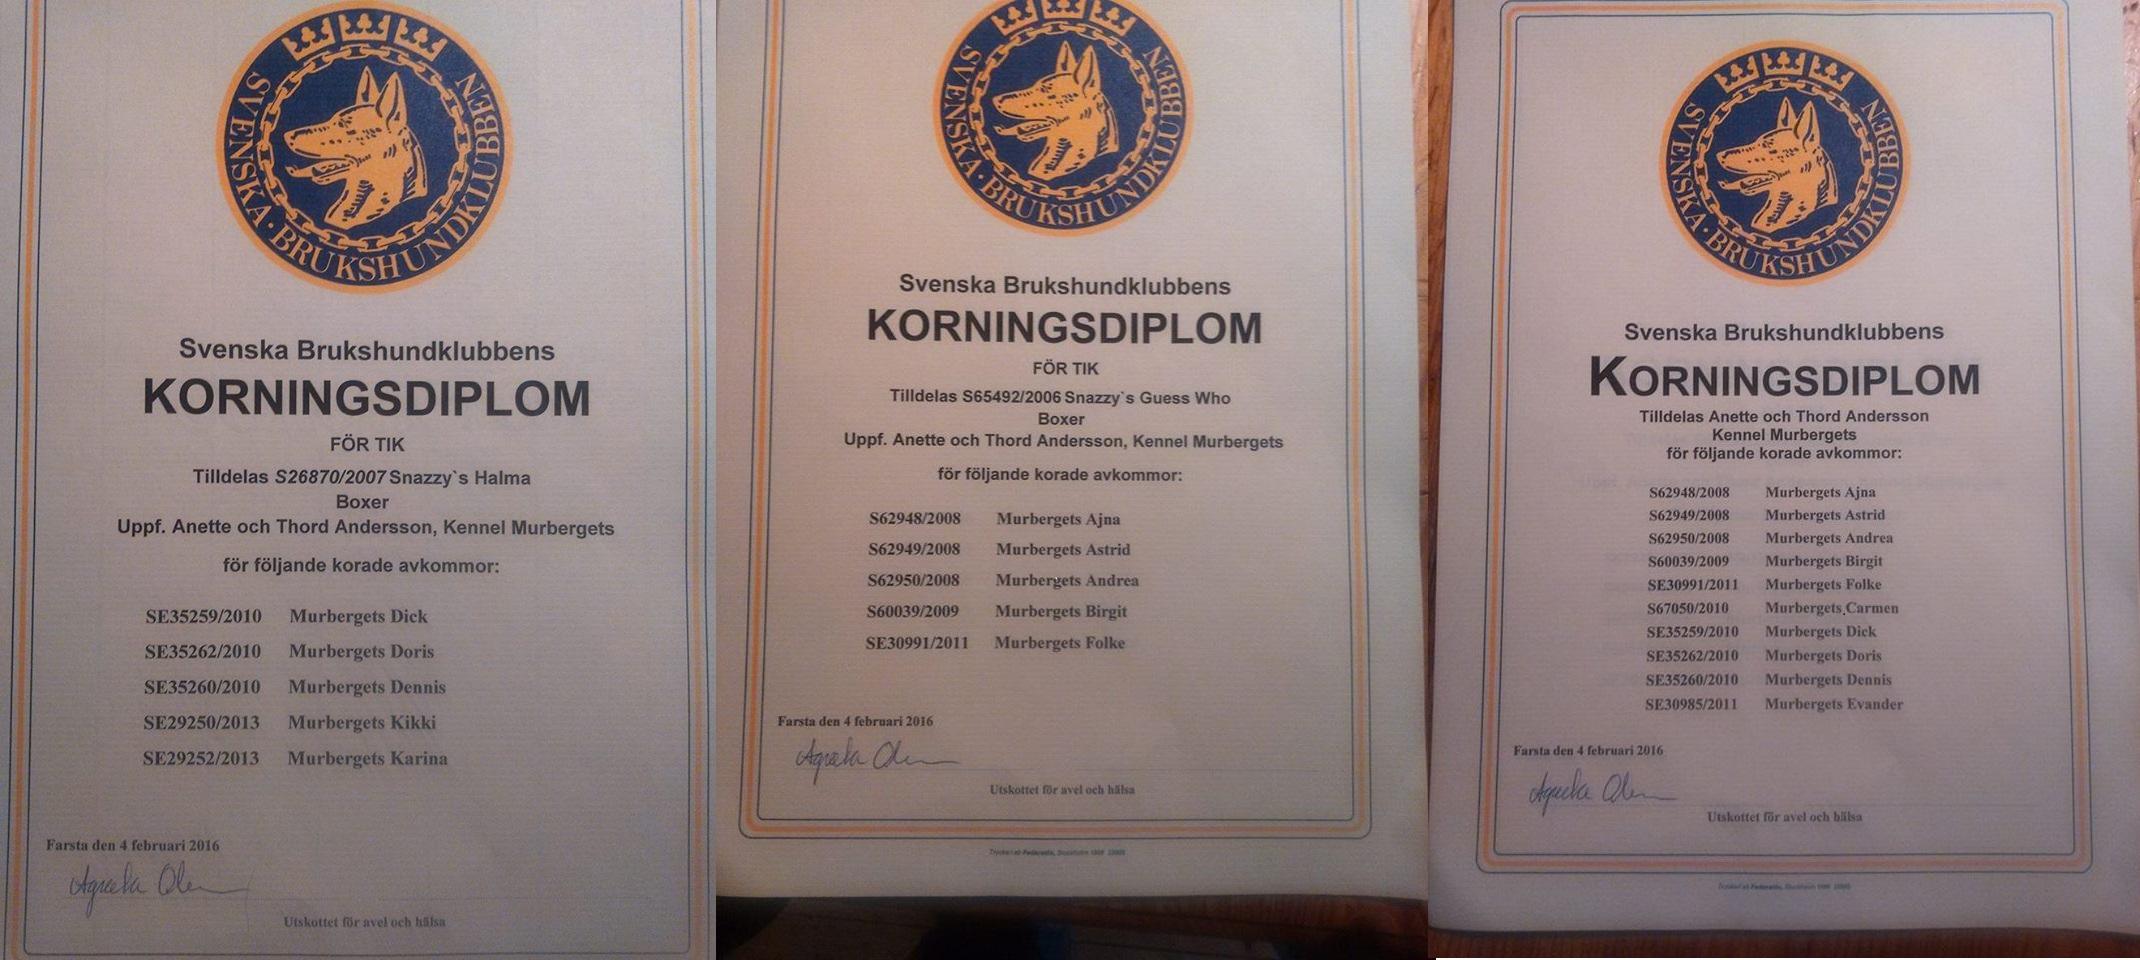 12714233_1024969800925105_1995259867_n.jpg diplom